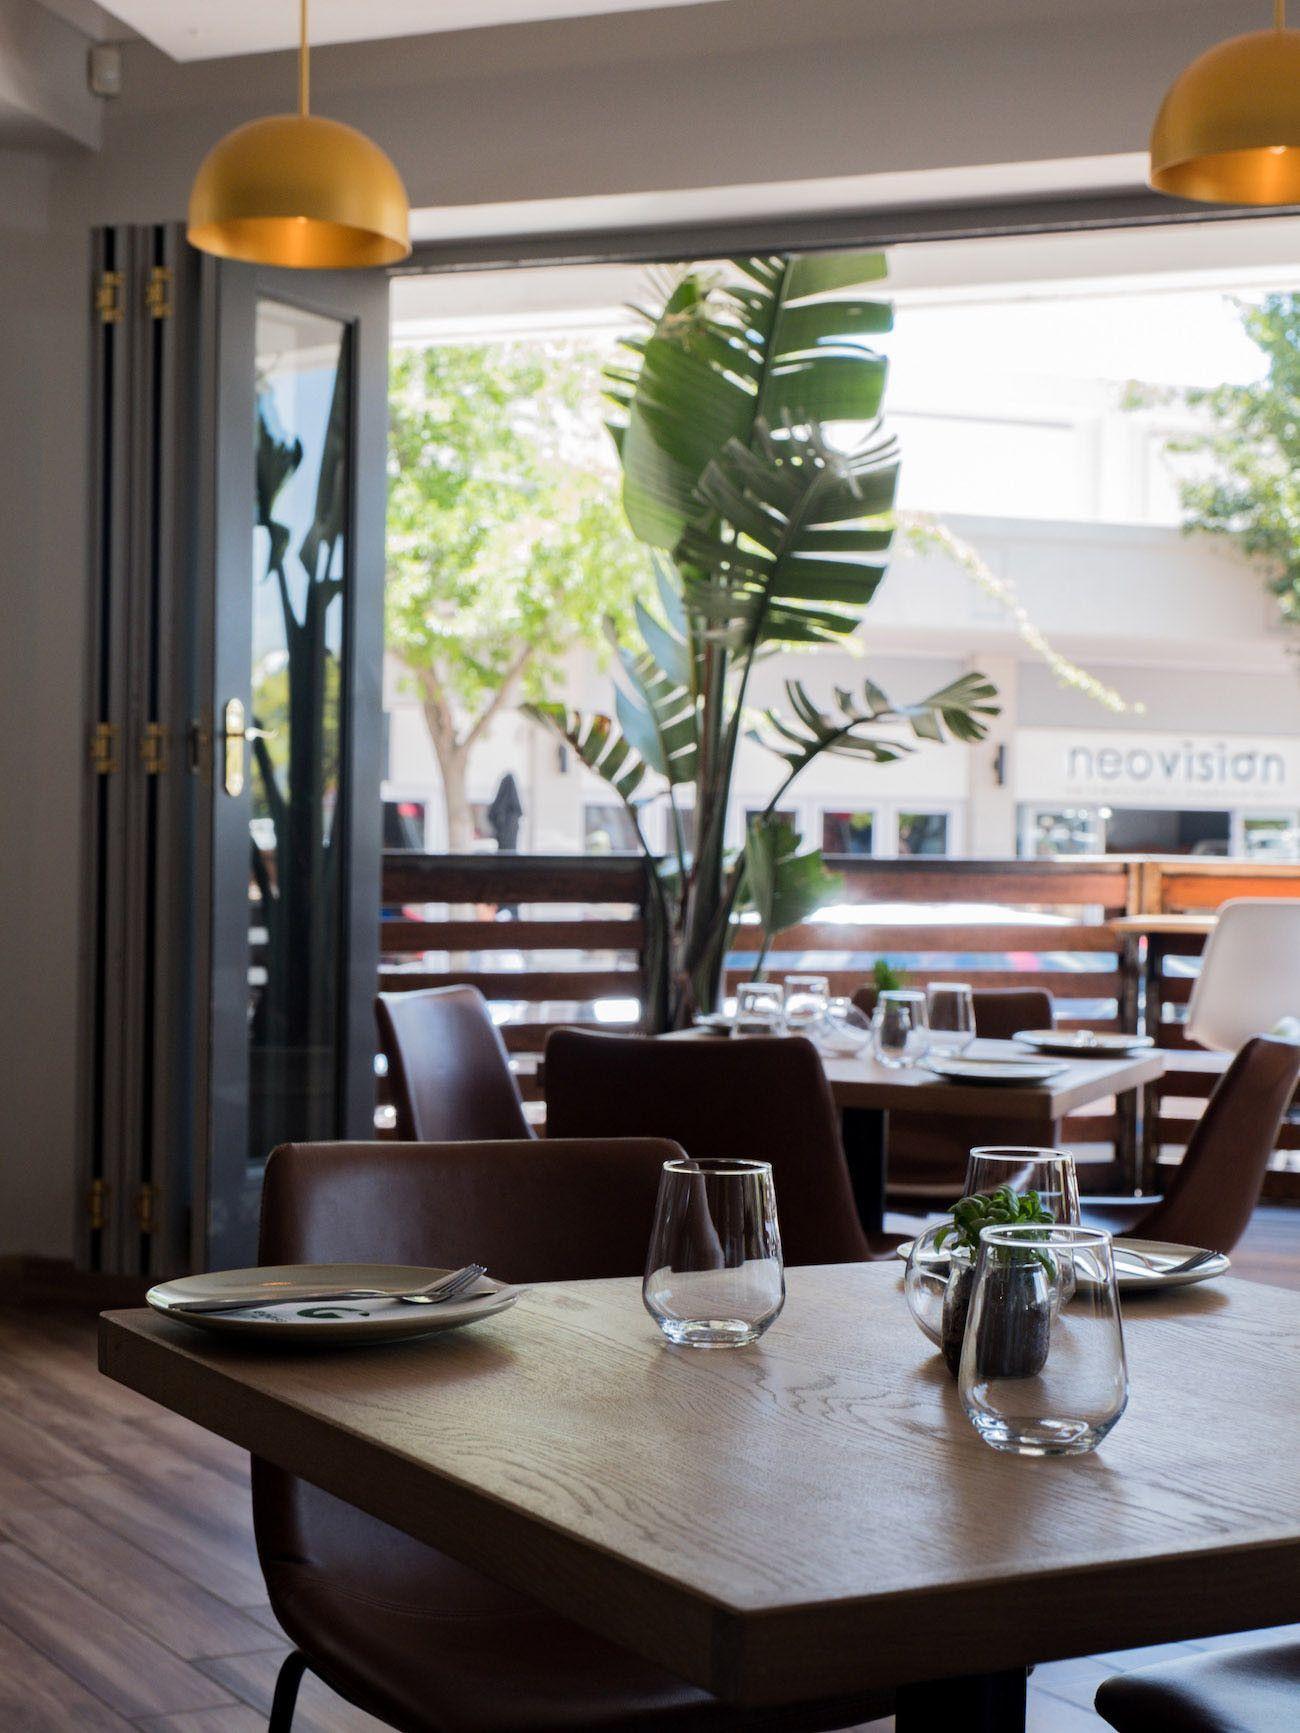 Weinguide Stellenbosch, The Green Goose Eatery, Interieur, Tisch, Glas